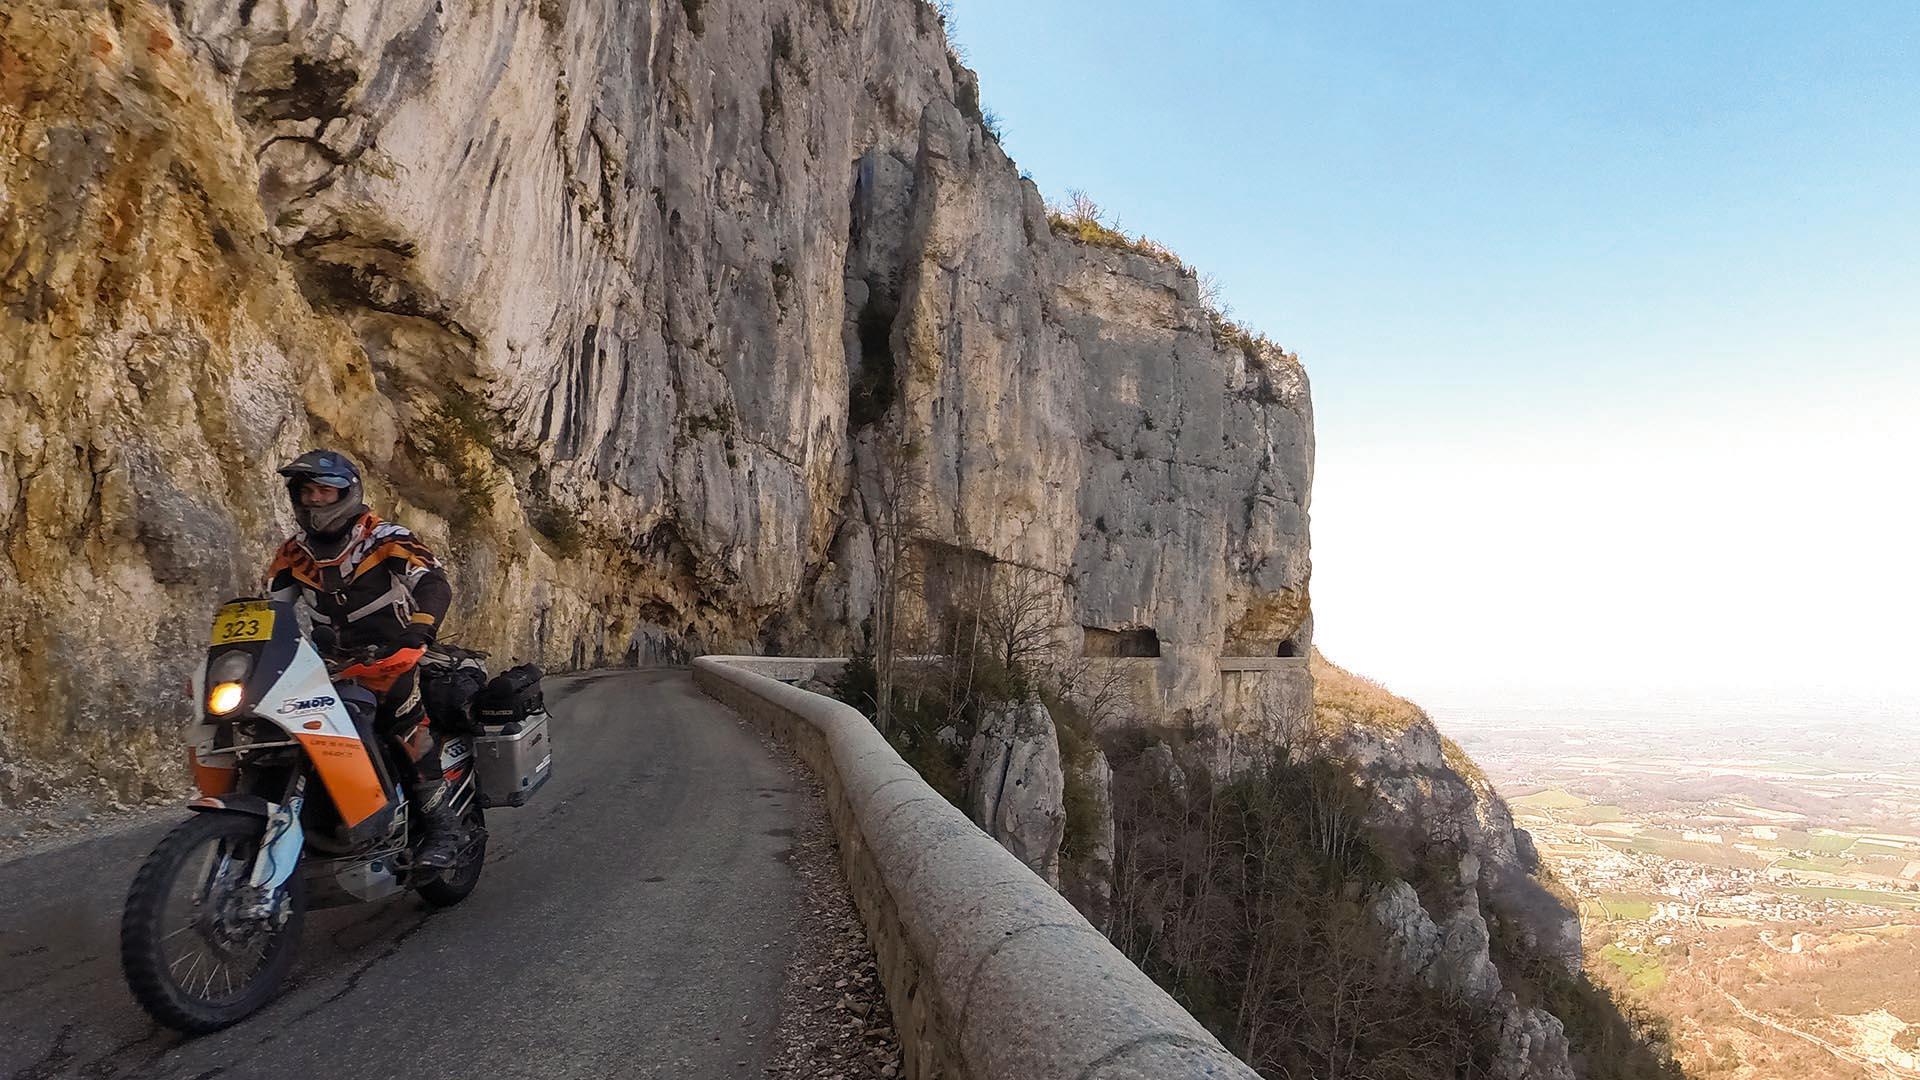 Berauschend vielseitig - Andalusien - Algarve